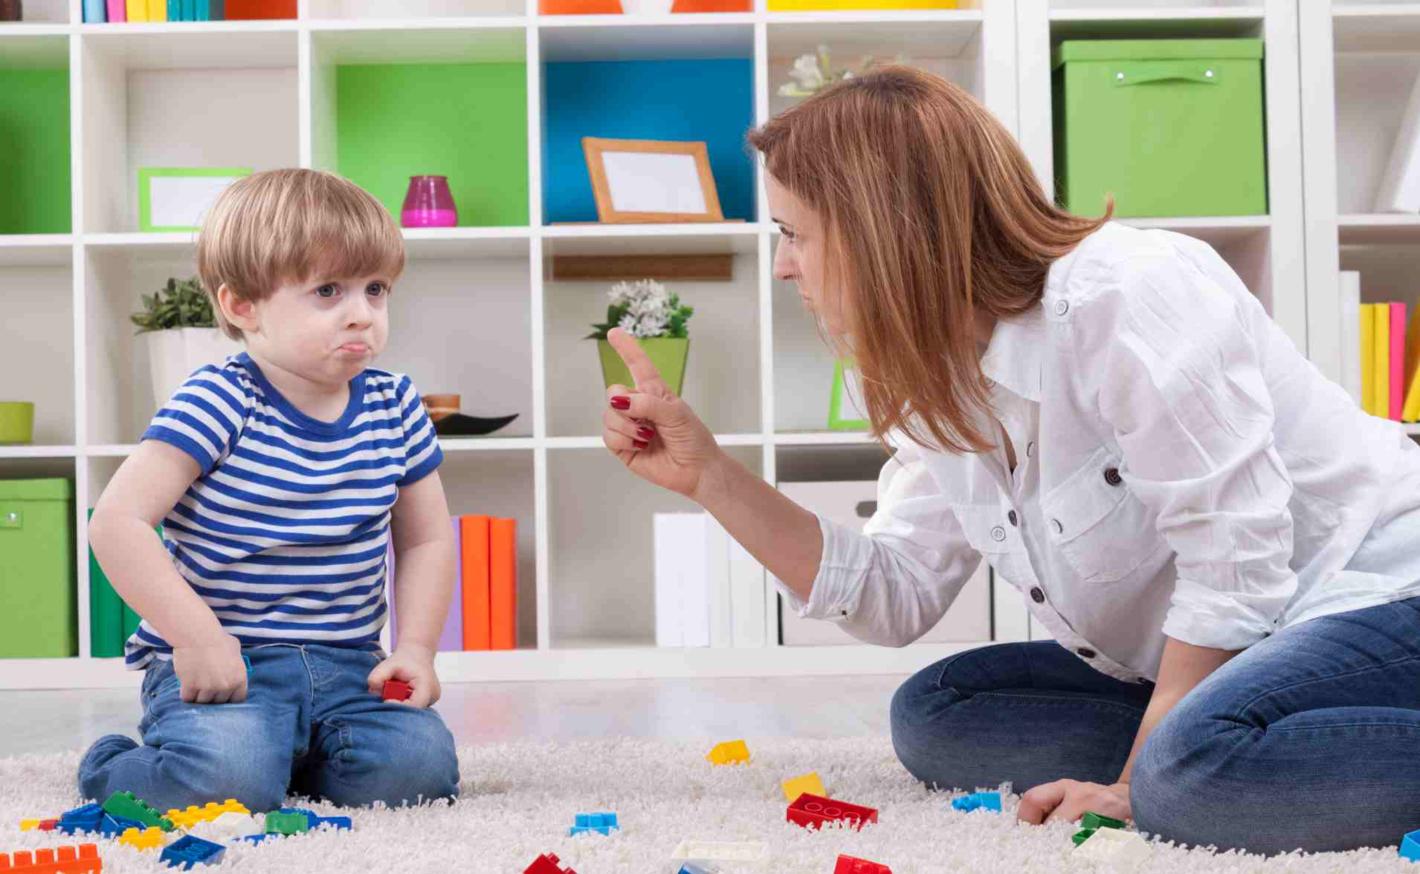 Poprvé: Když se dítě poprvé vzteká, co dělat?